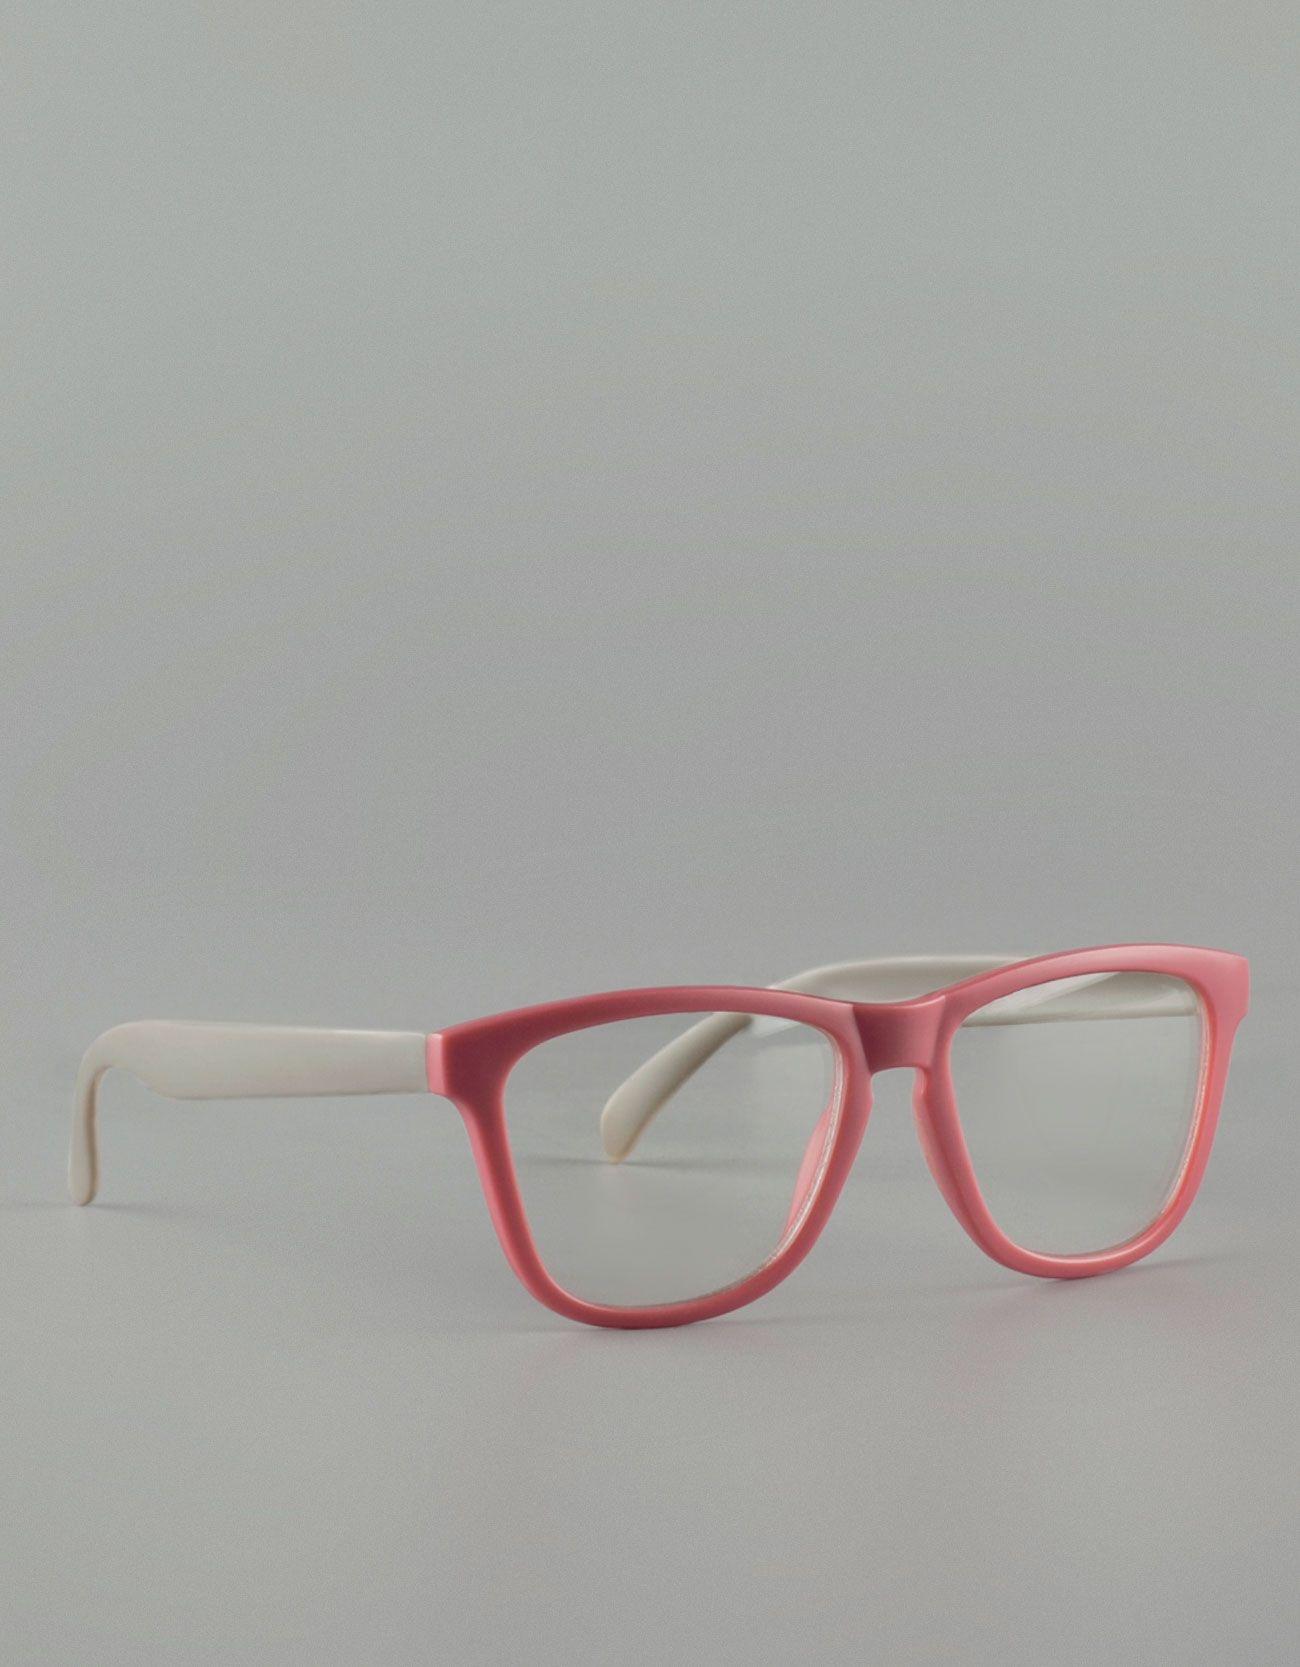 e4bb4db3fb5b Bershka Slovakia - Clear glass eyeglasses